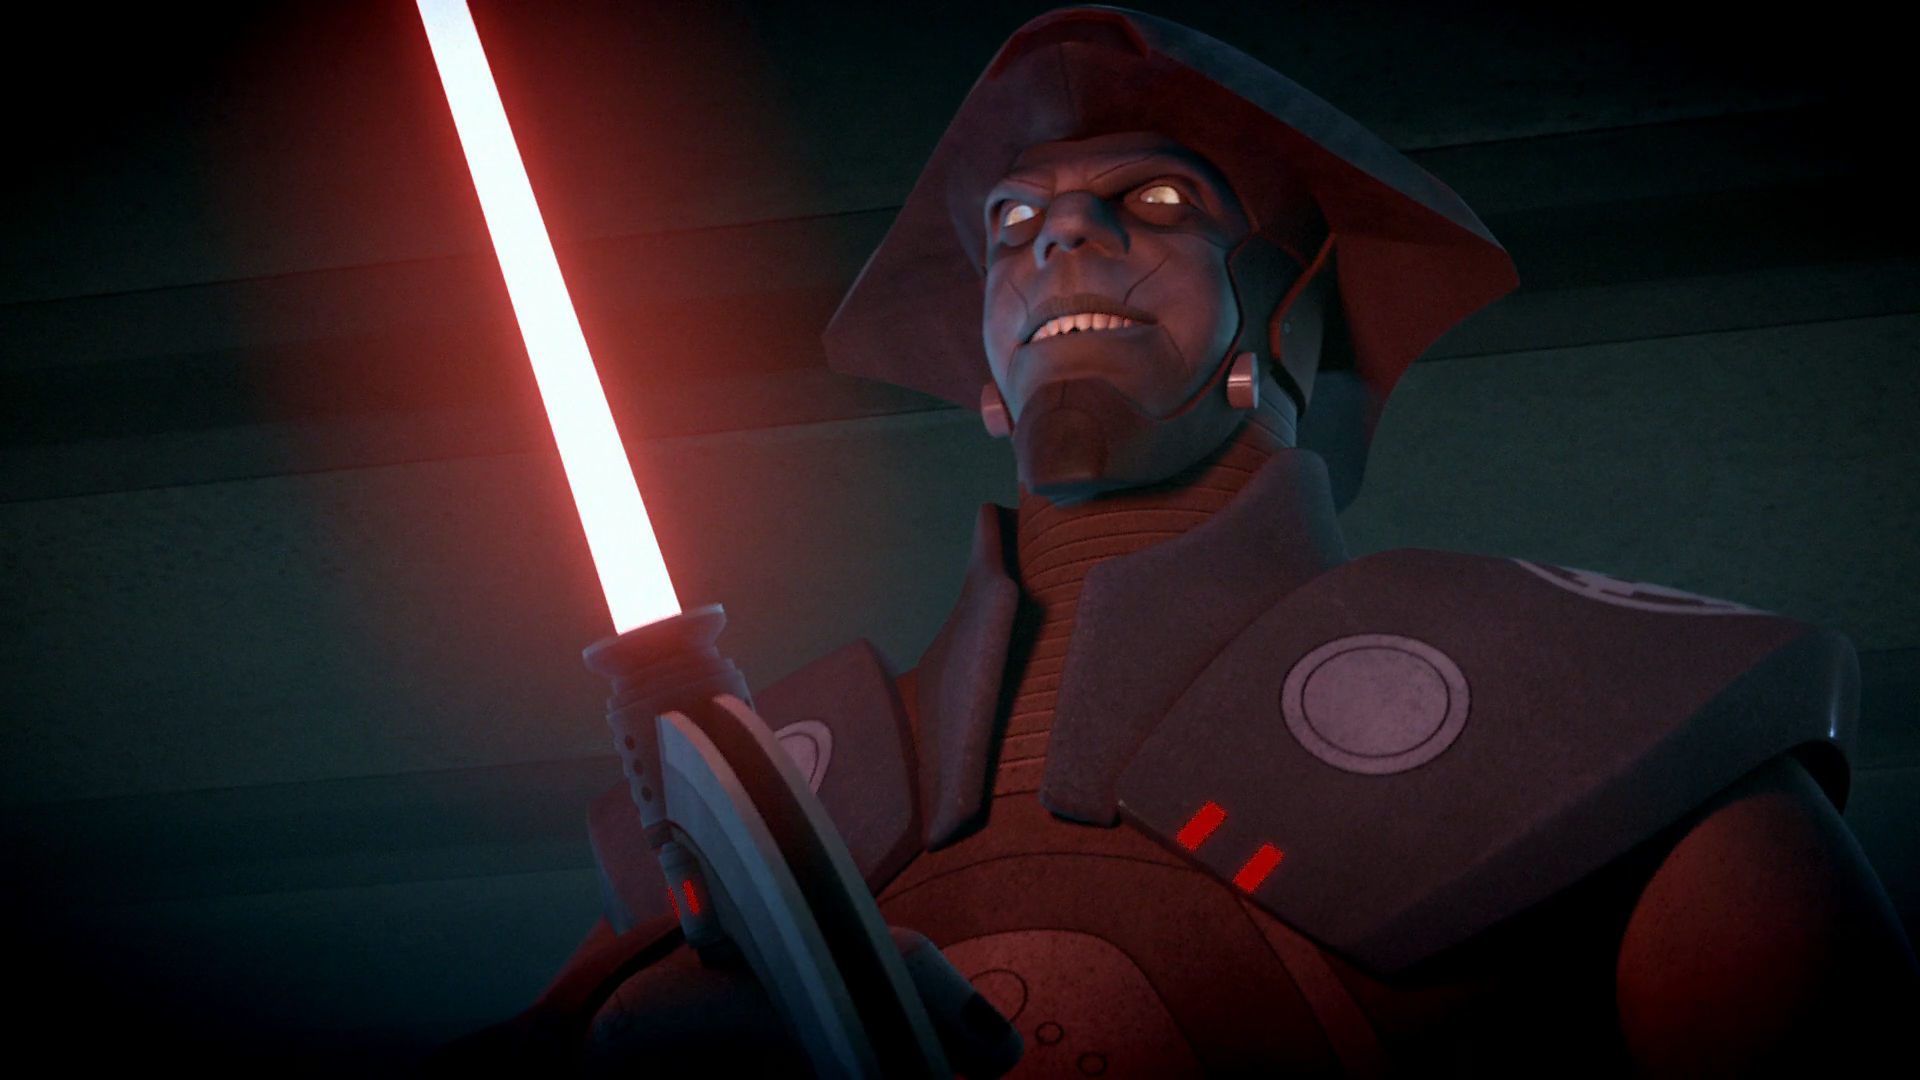 This Season on Star Wars Rebels